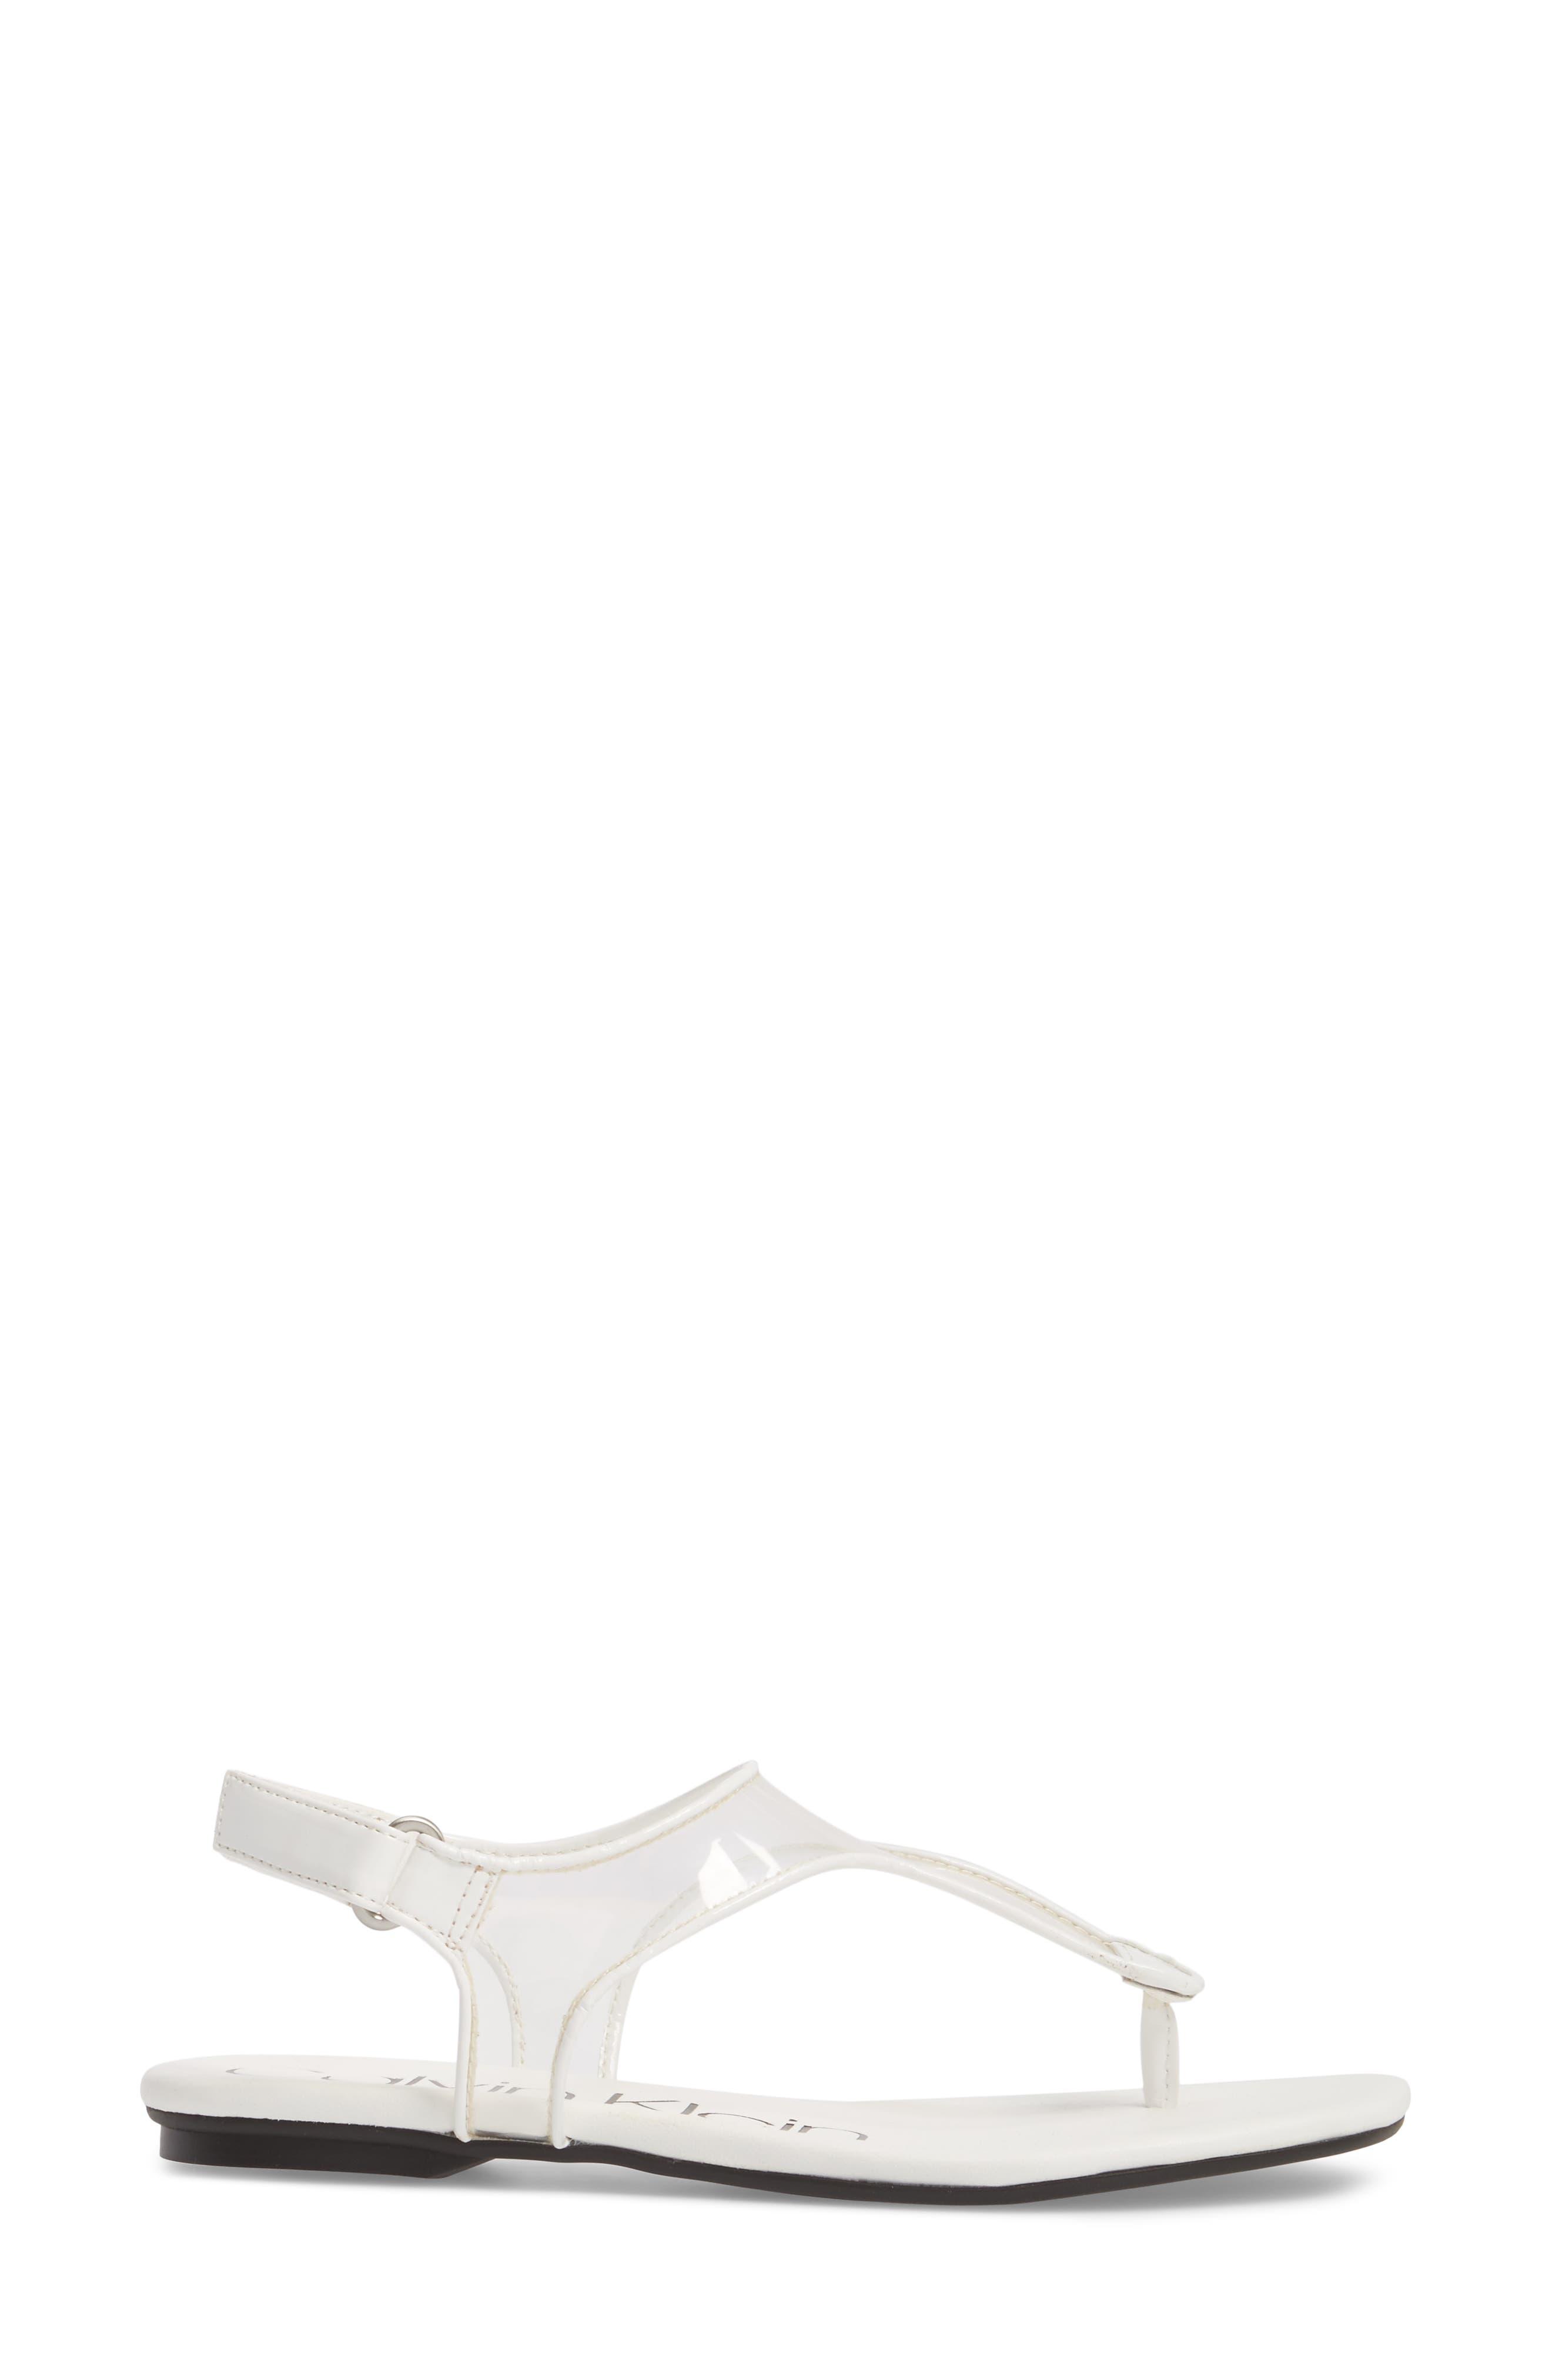 Shilo Clear Strap Sandal,                             Alternate thumbnail 3, color,                             Platinum White Faux Leather